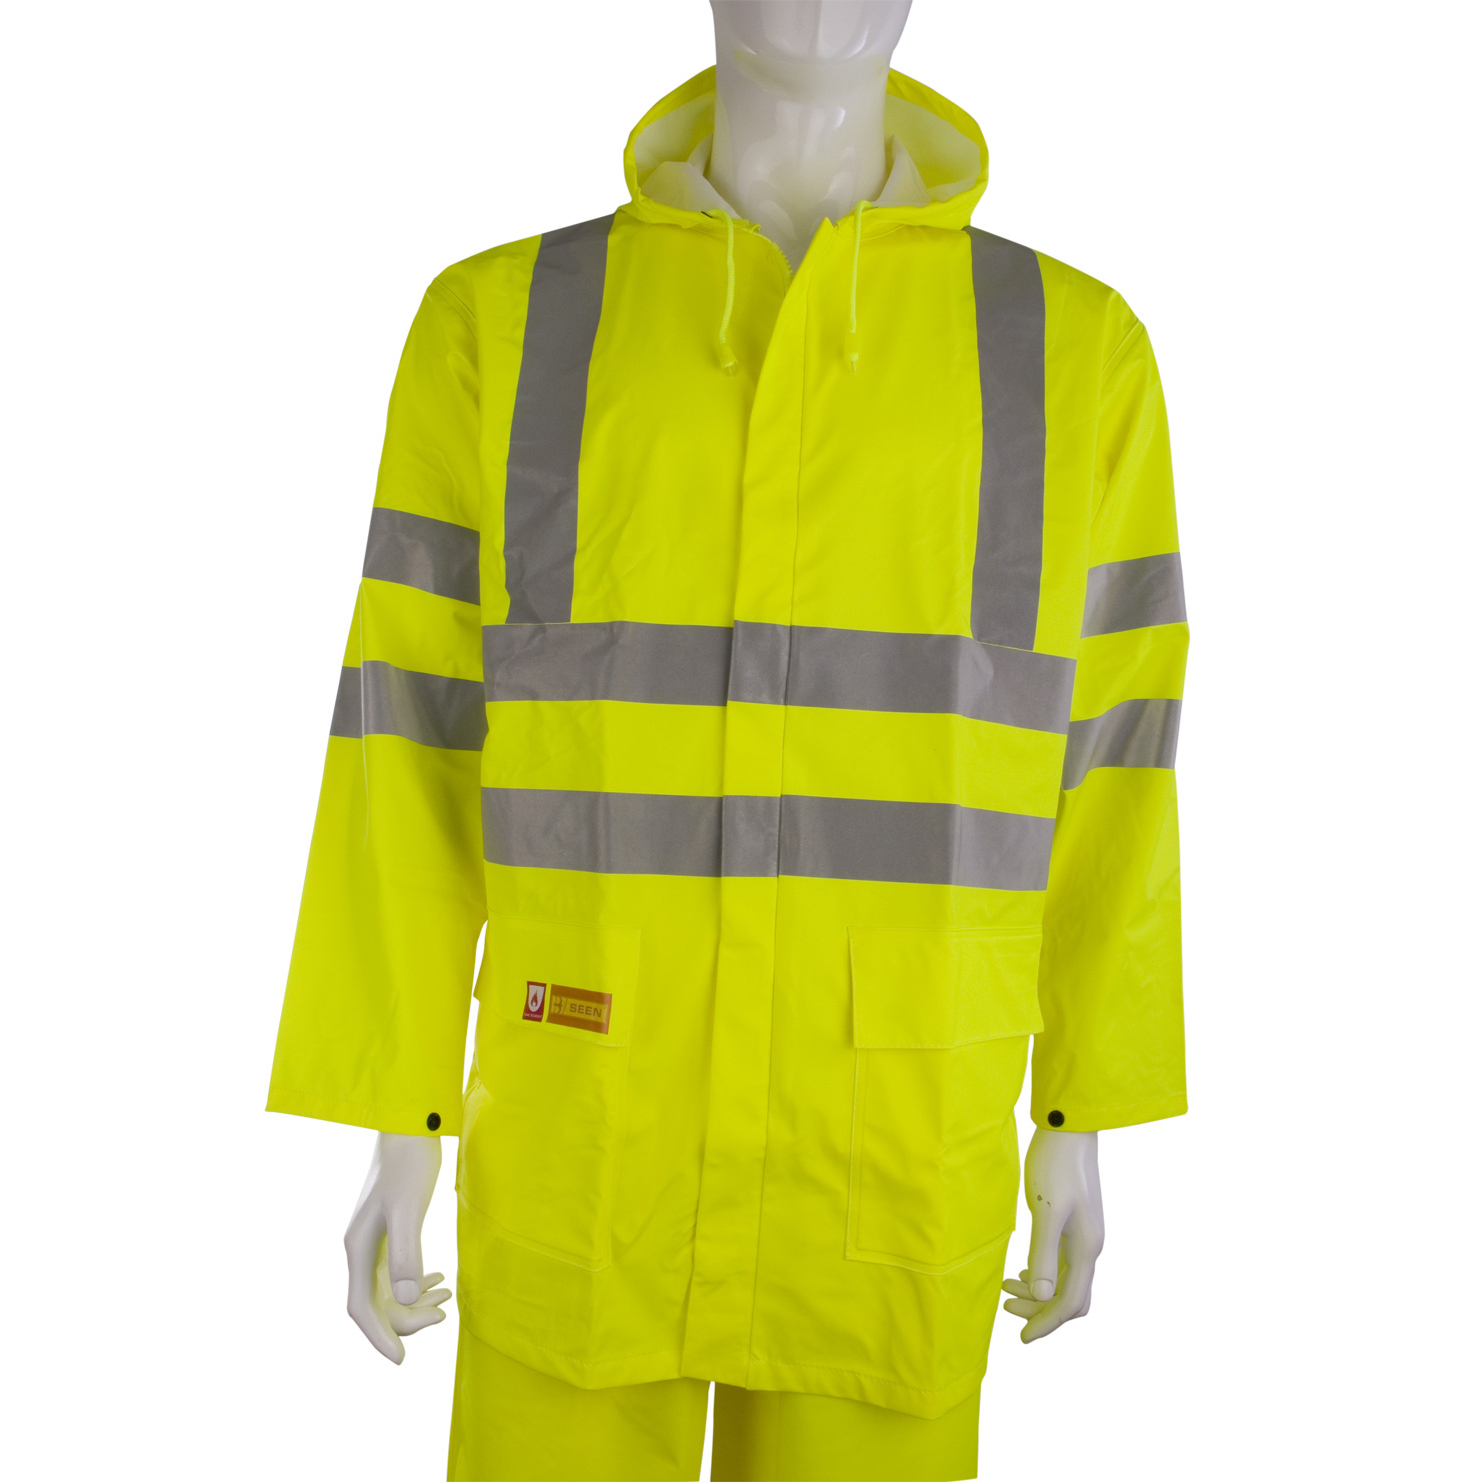 B-Seen Fire Retardant Jacket Anti-static 4XL Sat Yellow Ref CFRLR55SYXXXXL *Up to 3 Day Leadtime*